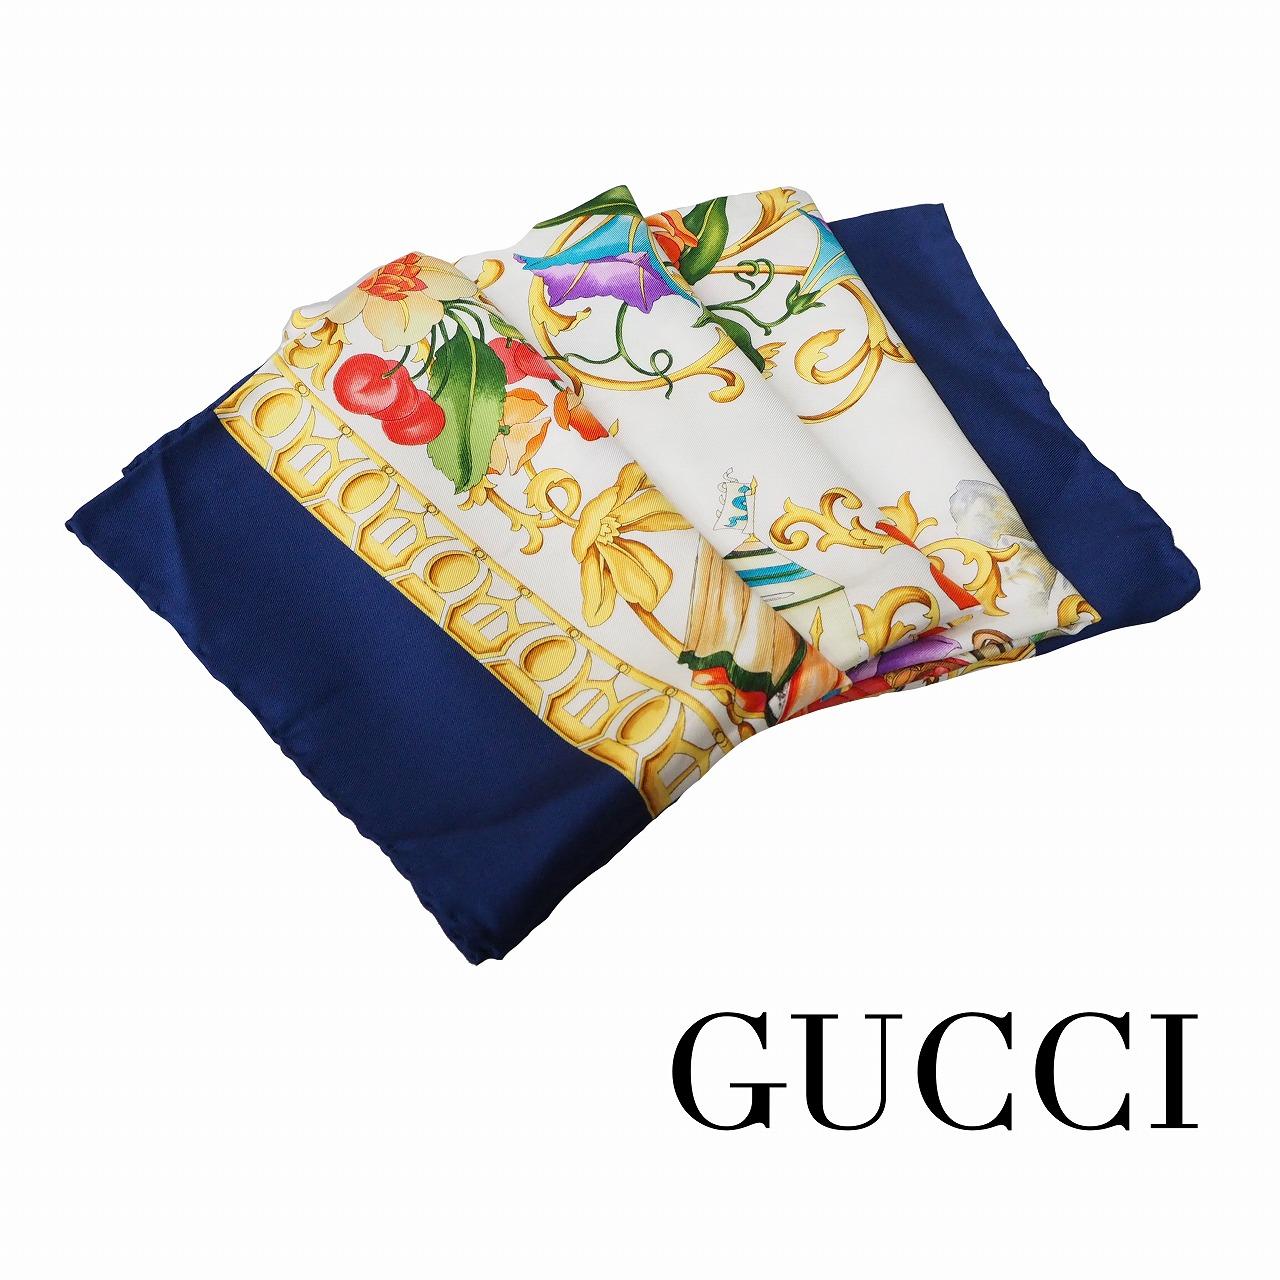 【中古】【良い】 GUCCI グッチ レゲンデ スカーフ フローラ ネイビー/ホワイト画像